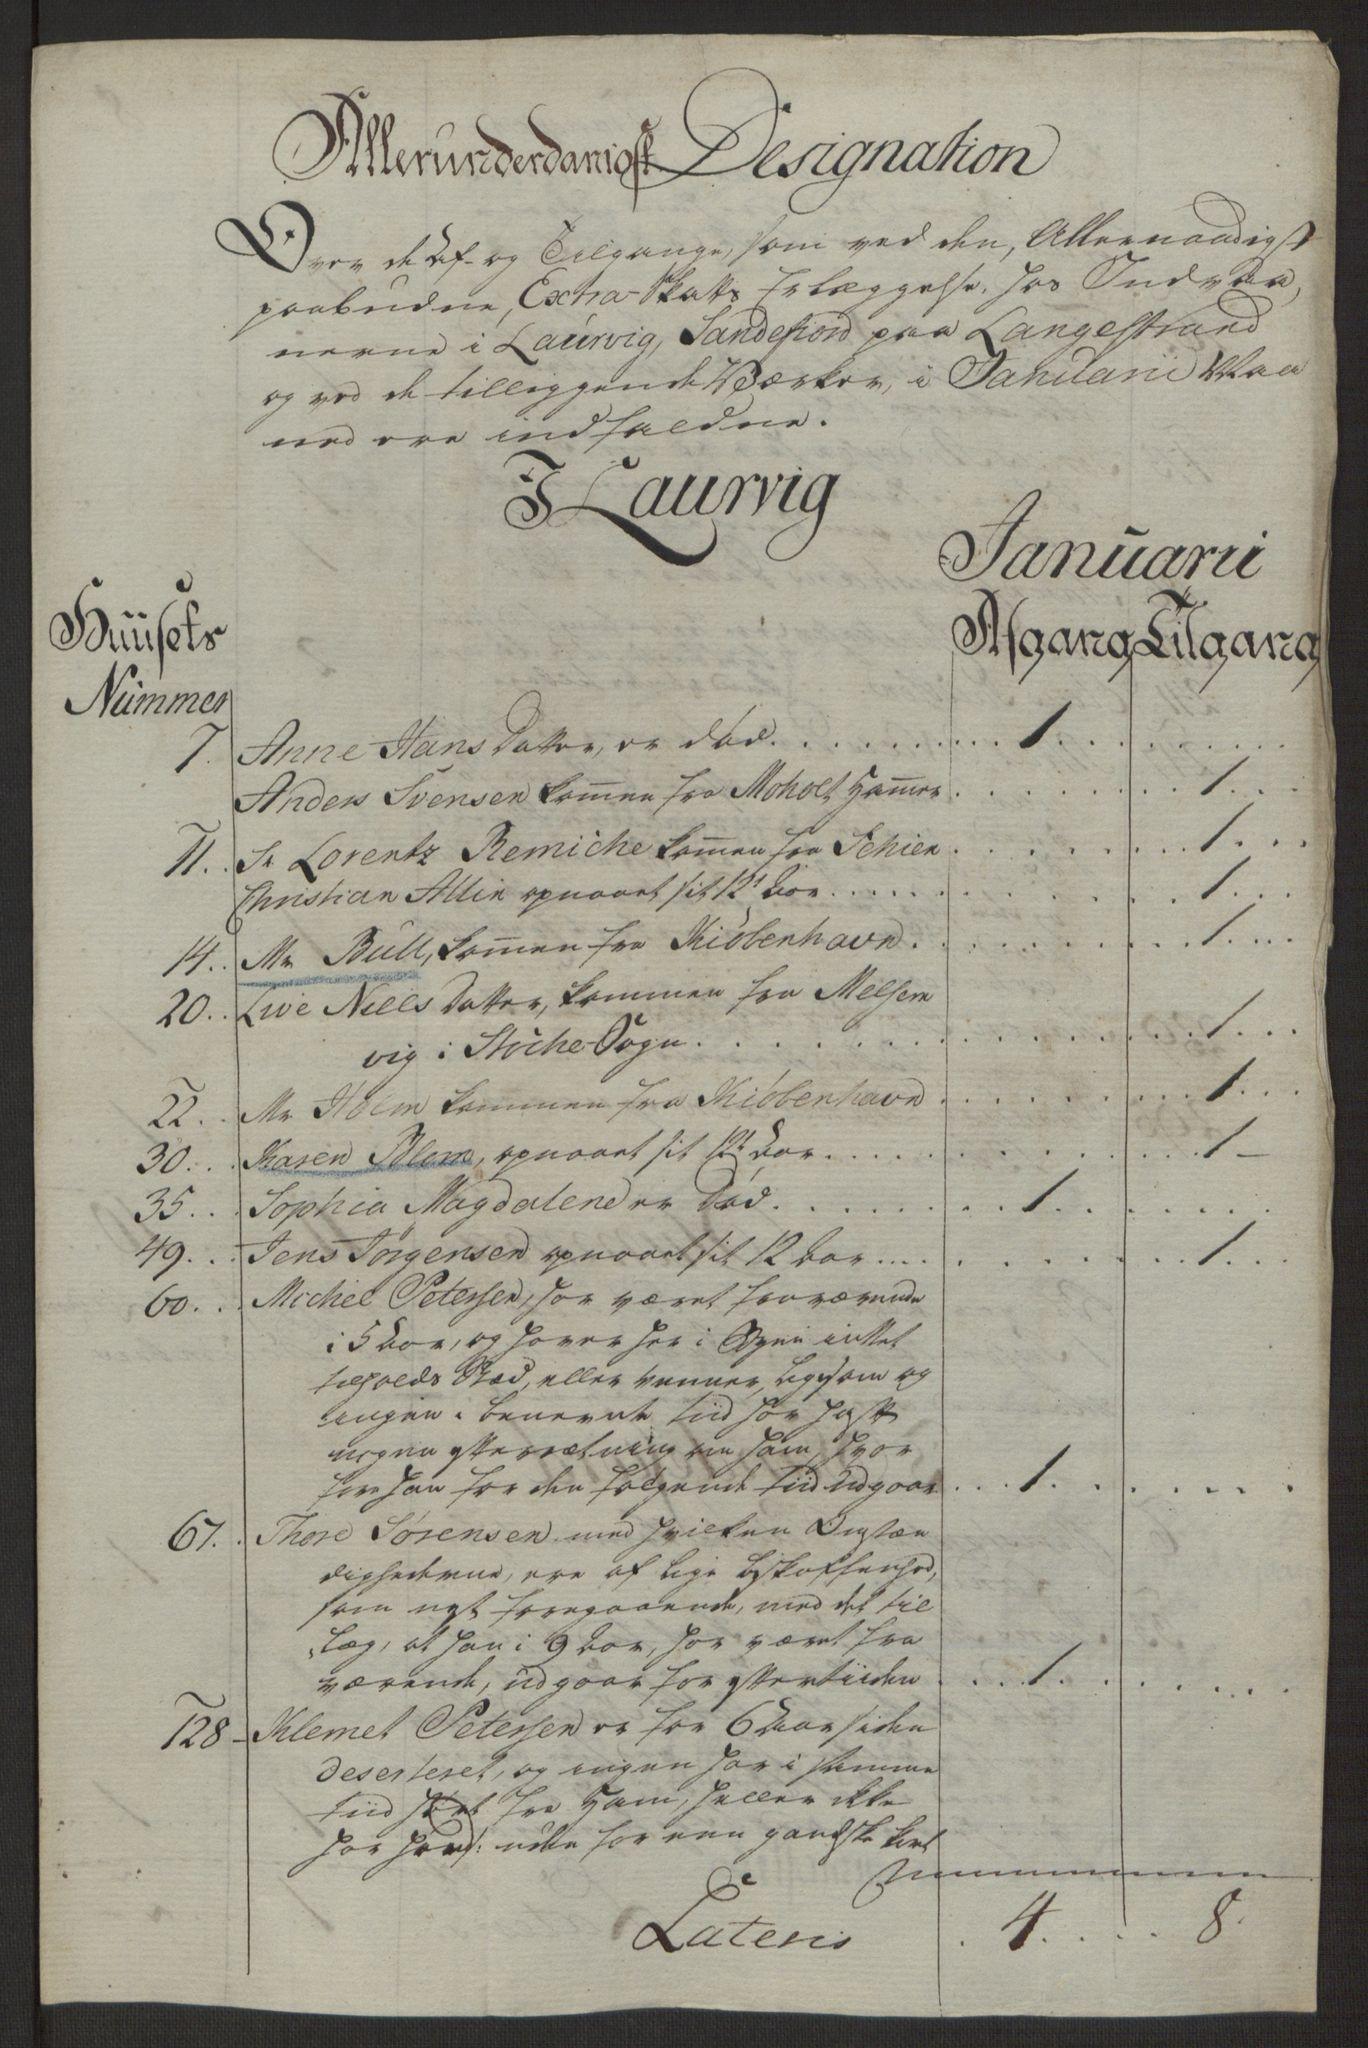 RA, Rentekammeret inntil 1814, Reviderte regnskaper, Byregnskaper, R/Ri/L0183: [I4] Kontribusjonsregnskap, 1762-1768, s. 96